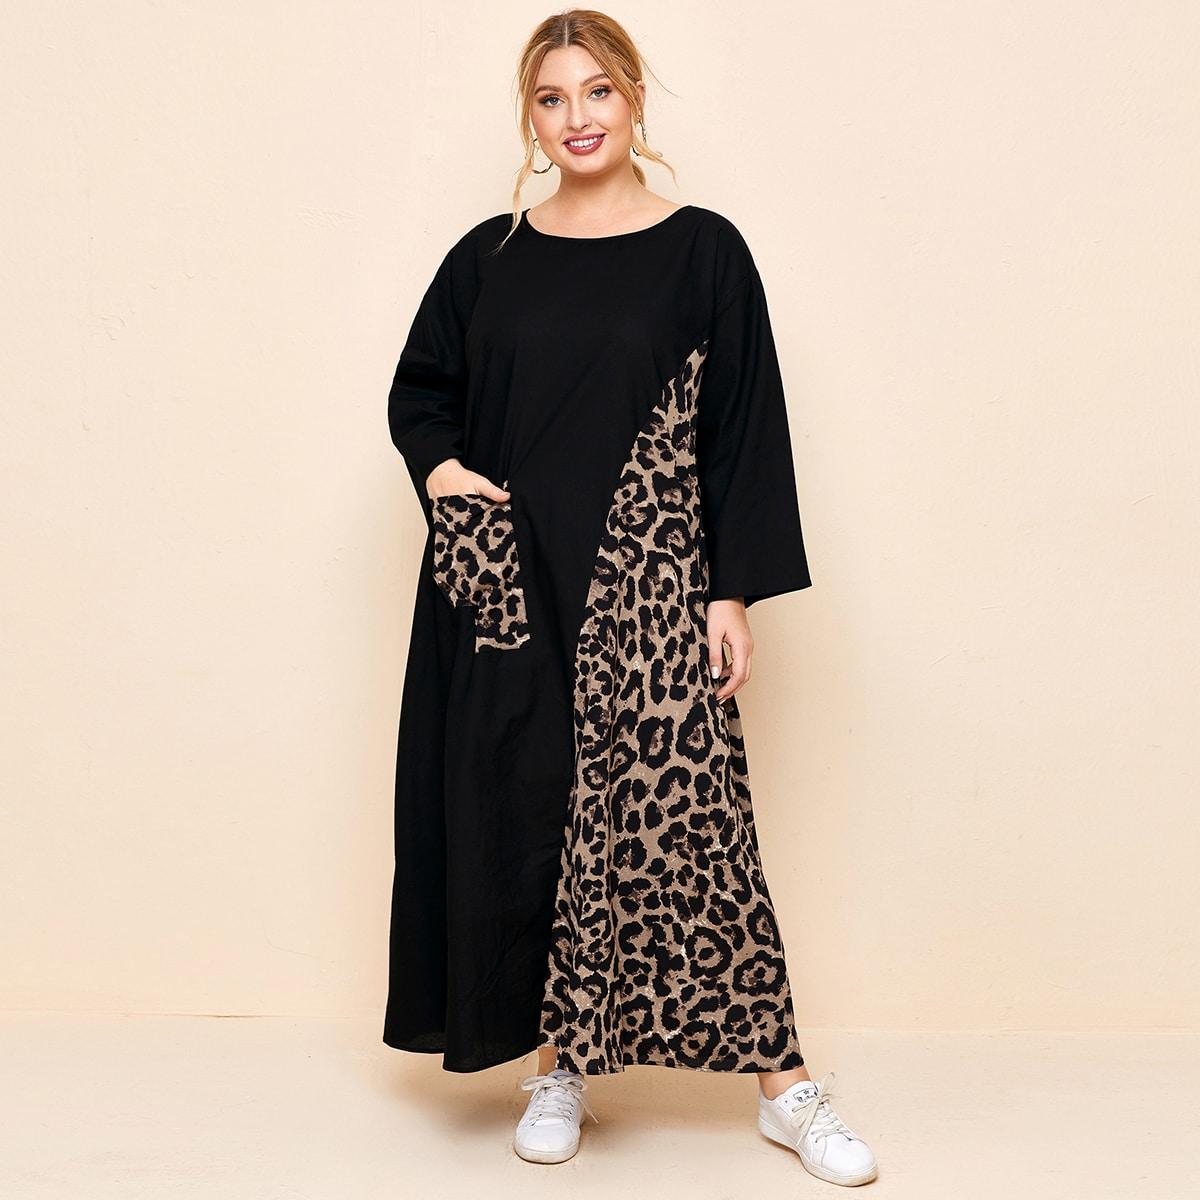 Контрастное платье размера плюс с карманом и леопардовым узором